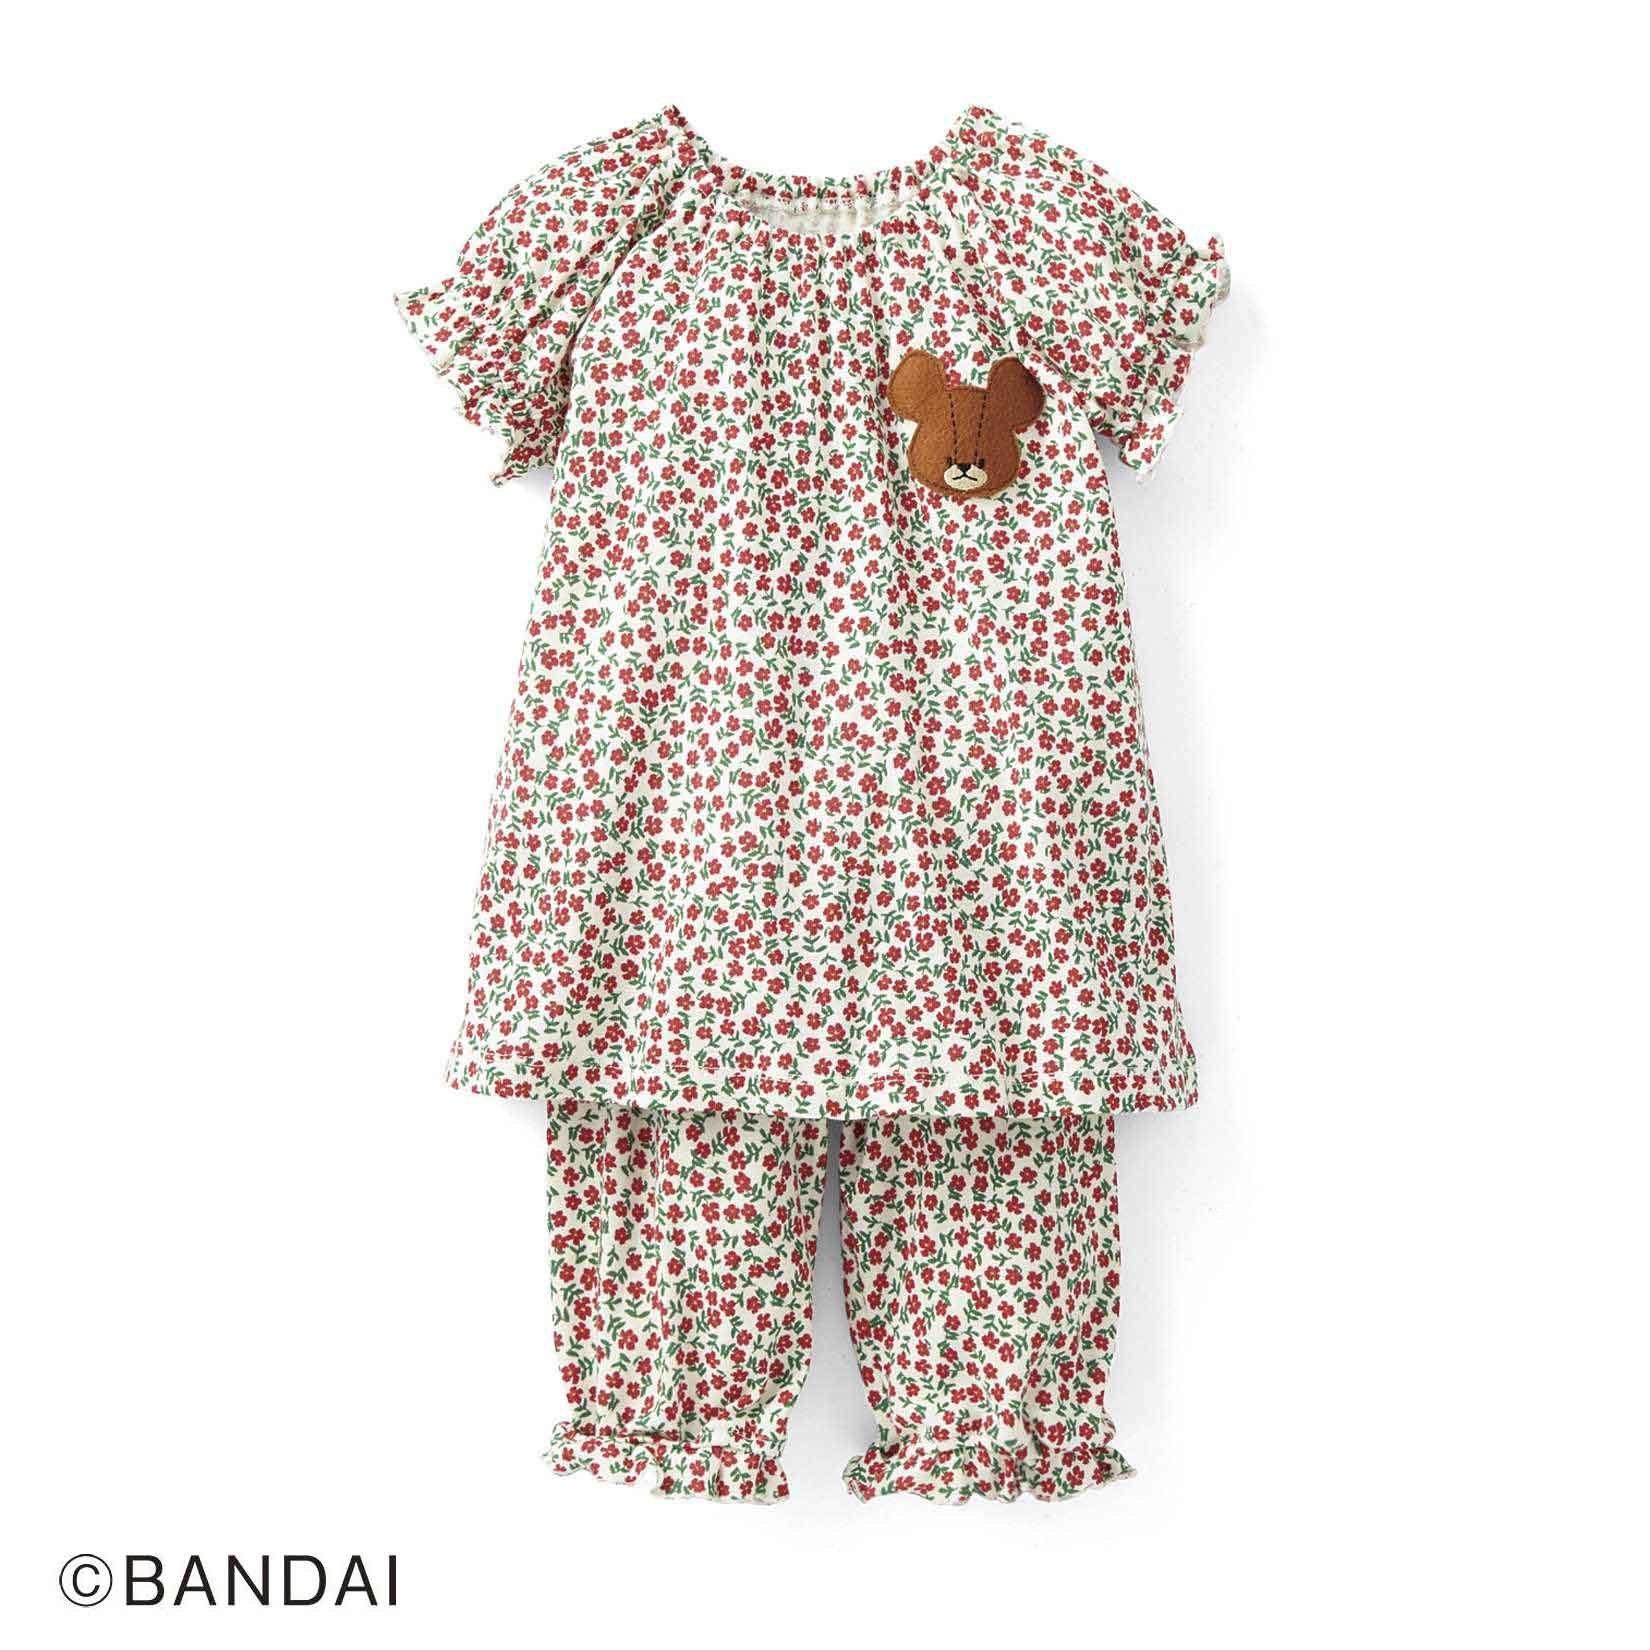 くまのがっこう お花畑でおやすみなさい☆ はらまき付きガールズパジャマ〈レッド×グリーン〉